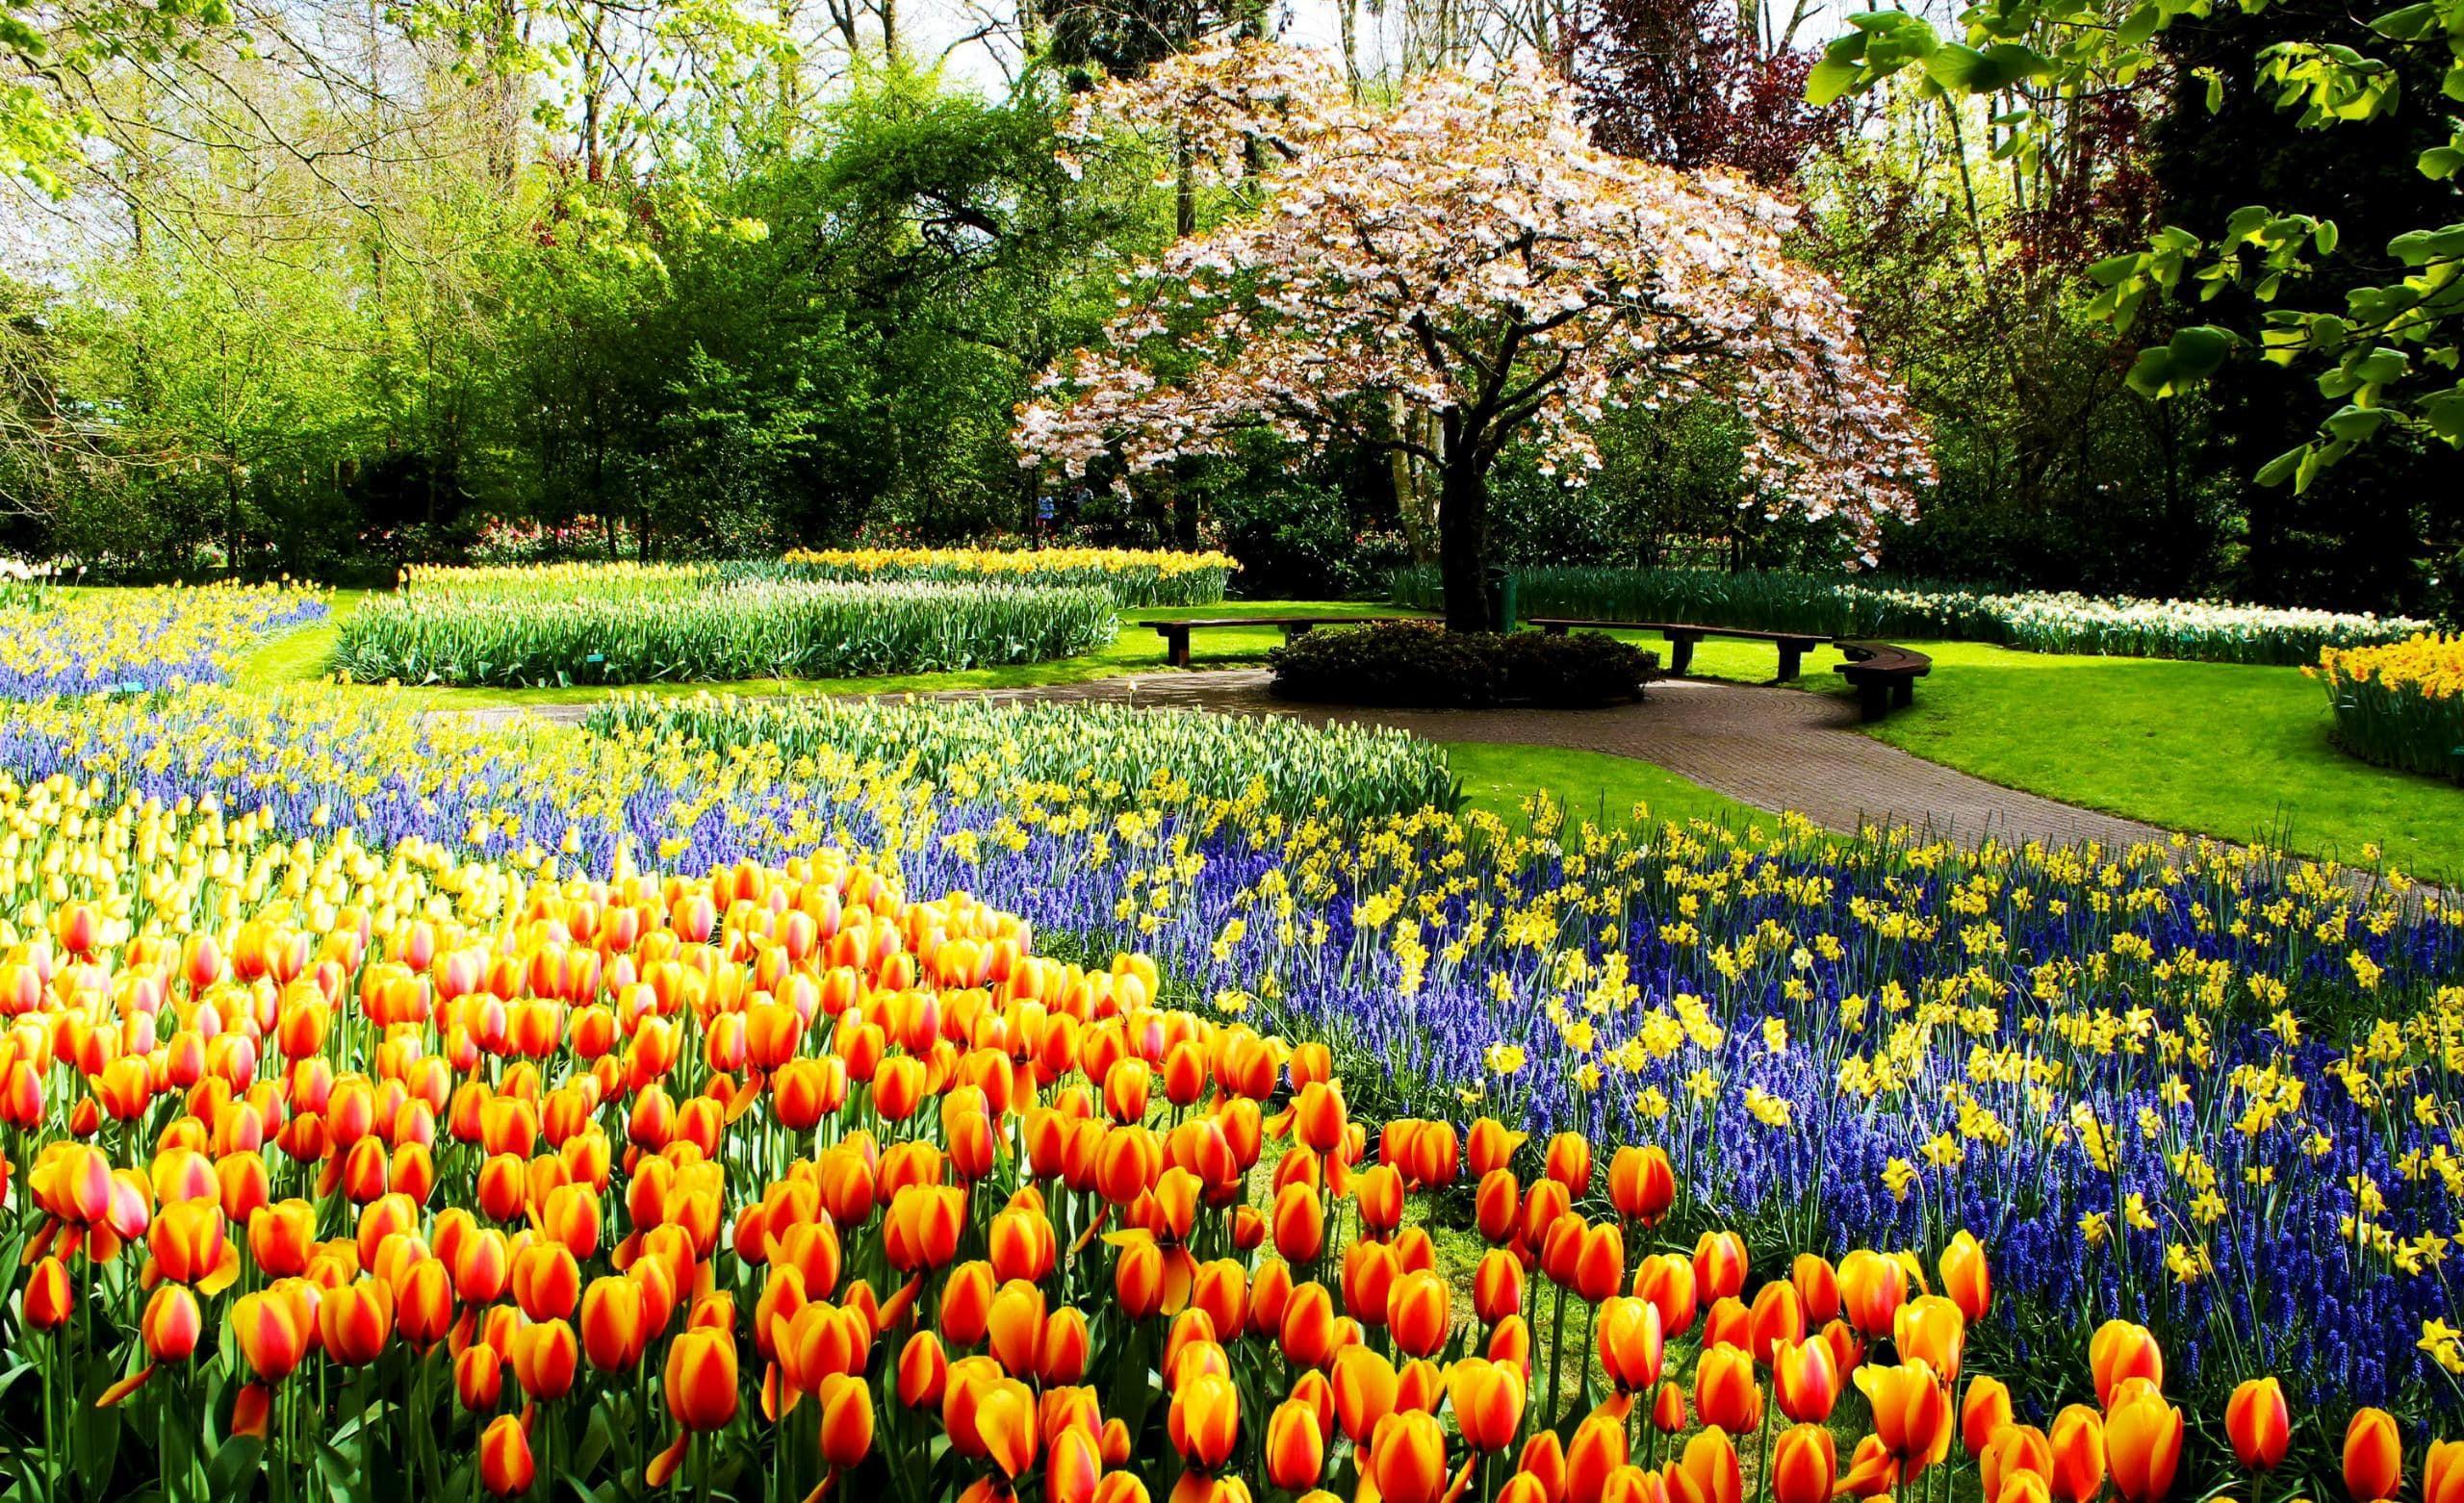 Какие работы нужно проводить в саду весной? Подготовка сада к весне